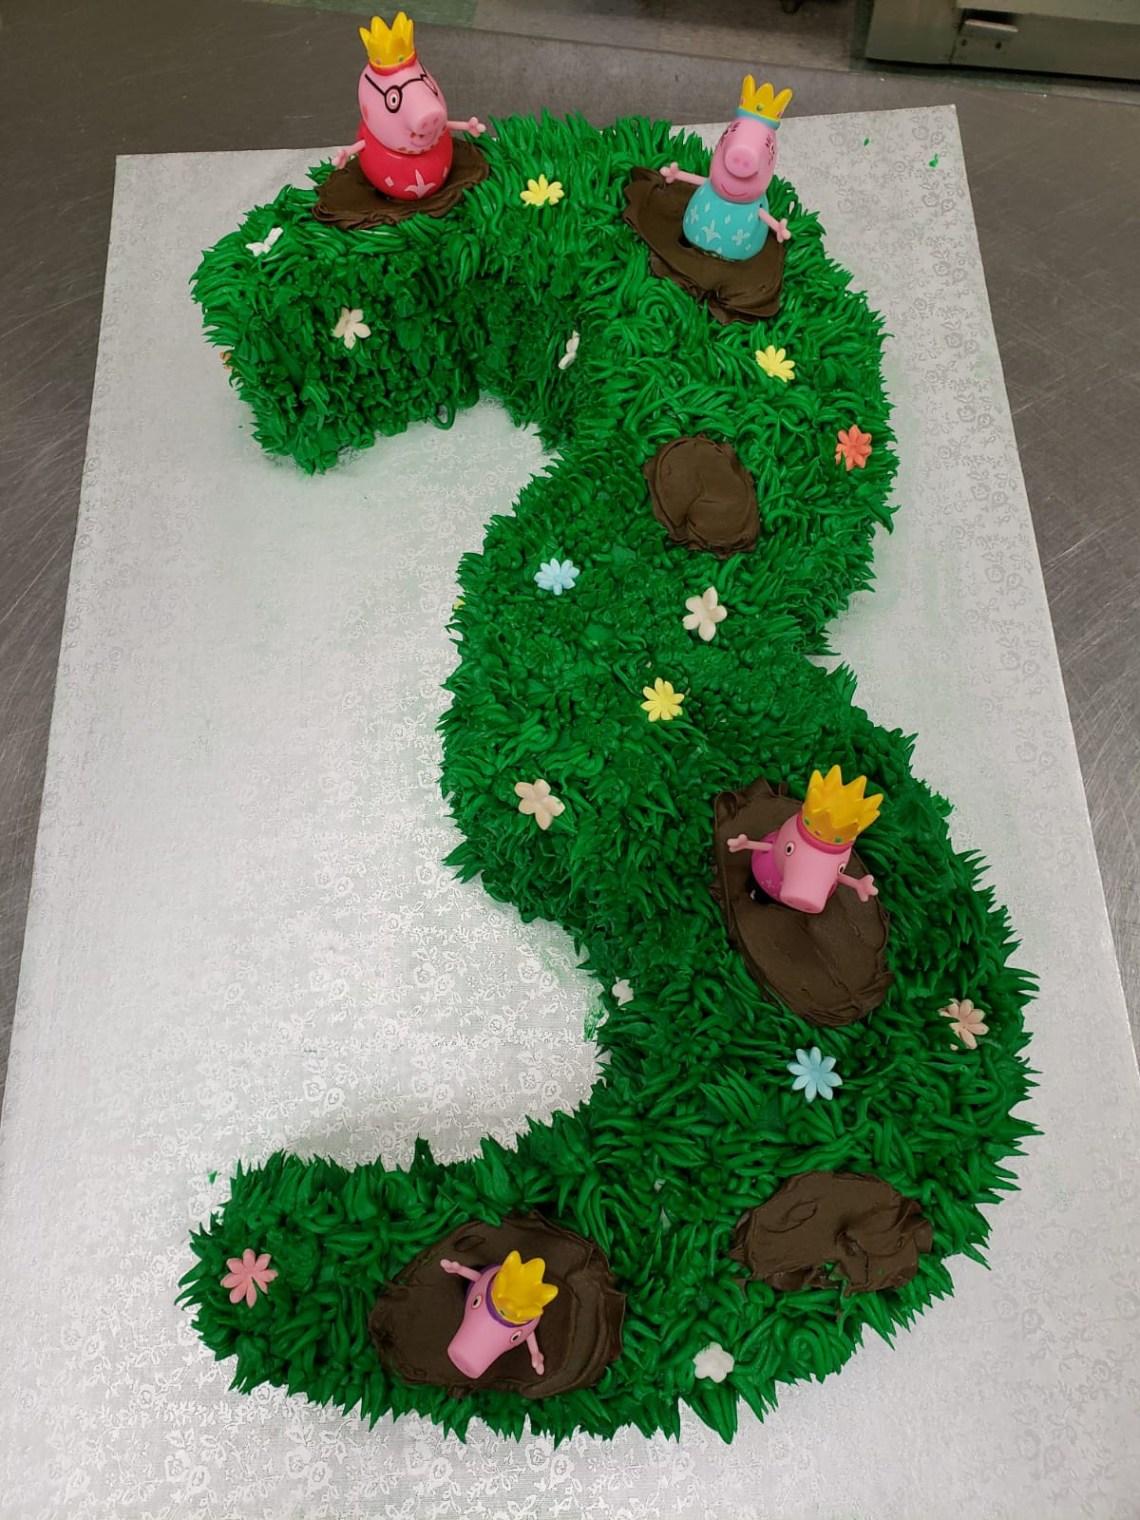 Enjoyable 3 Year Old Birthday Cake The Cake Boutique Personalised Birthday Cards Arneslily Jamesorg